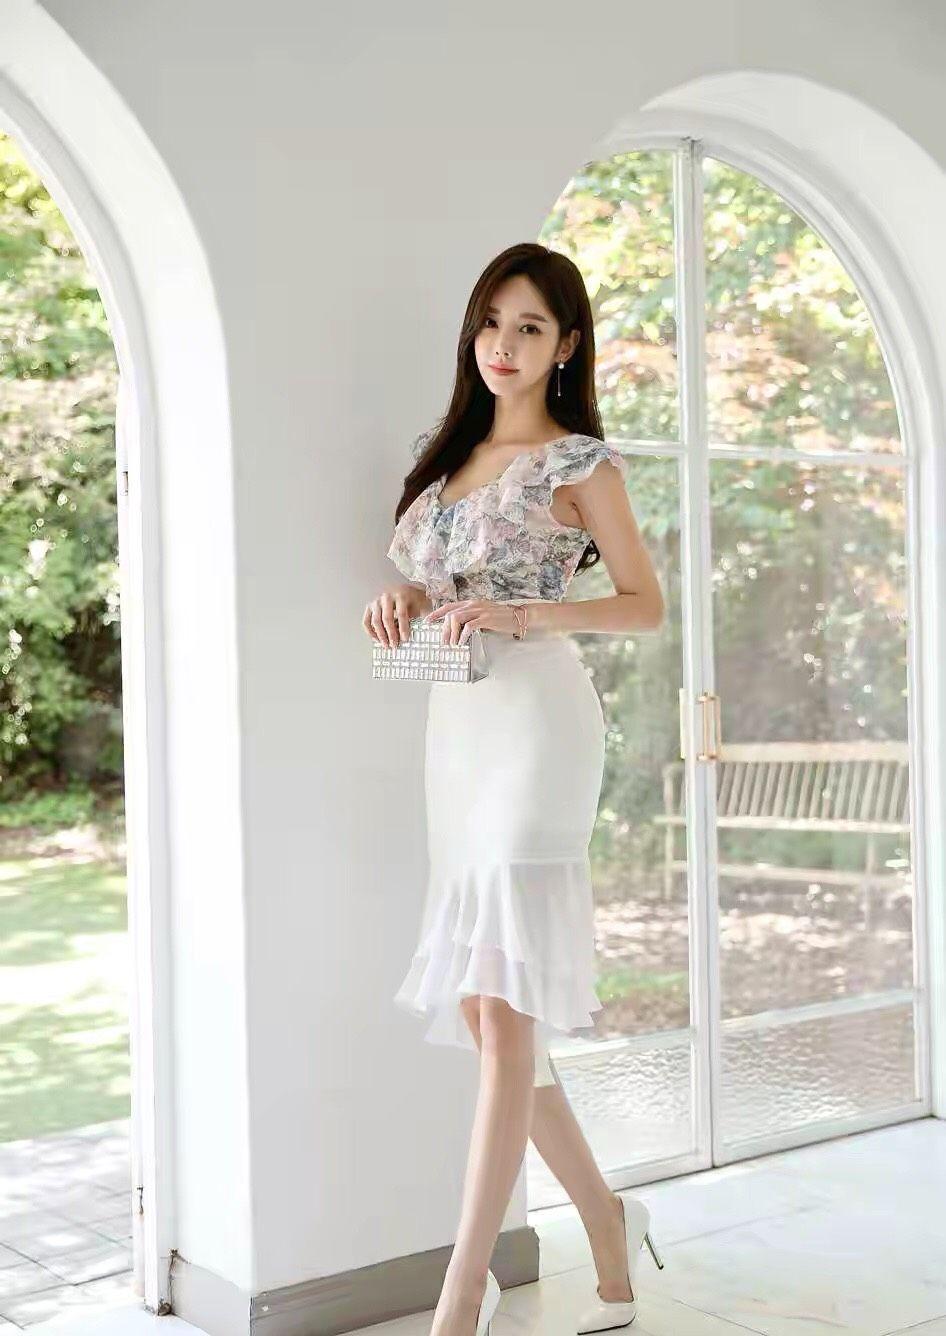 美女孙允珠搭配这款白色鱼尾裙摆,气质动人,真漂亮